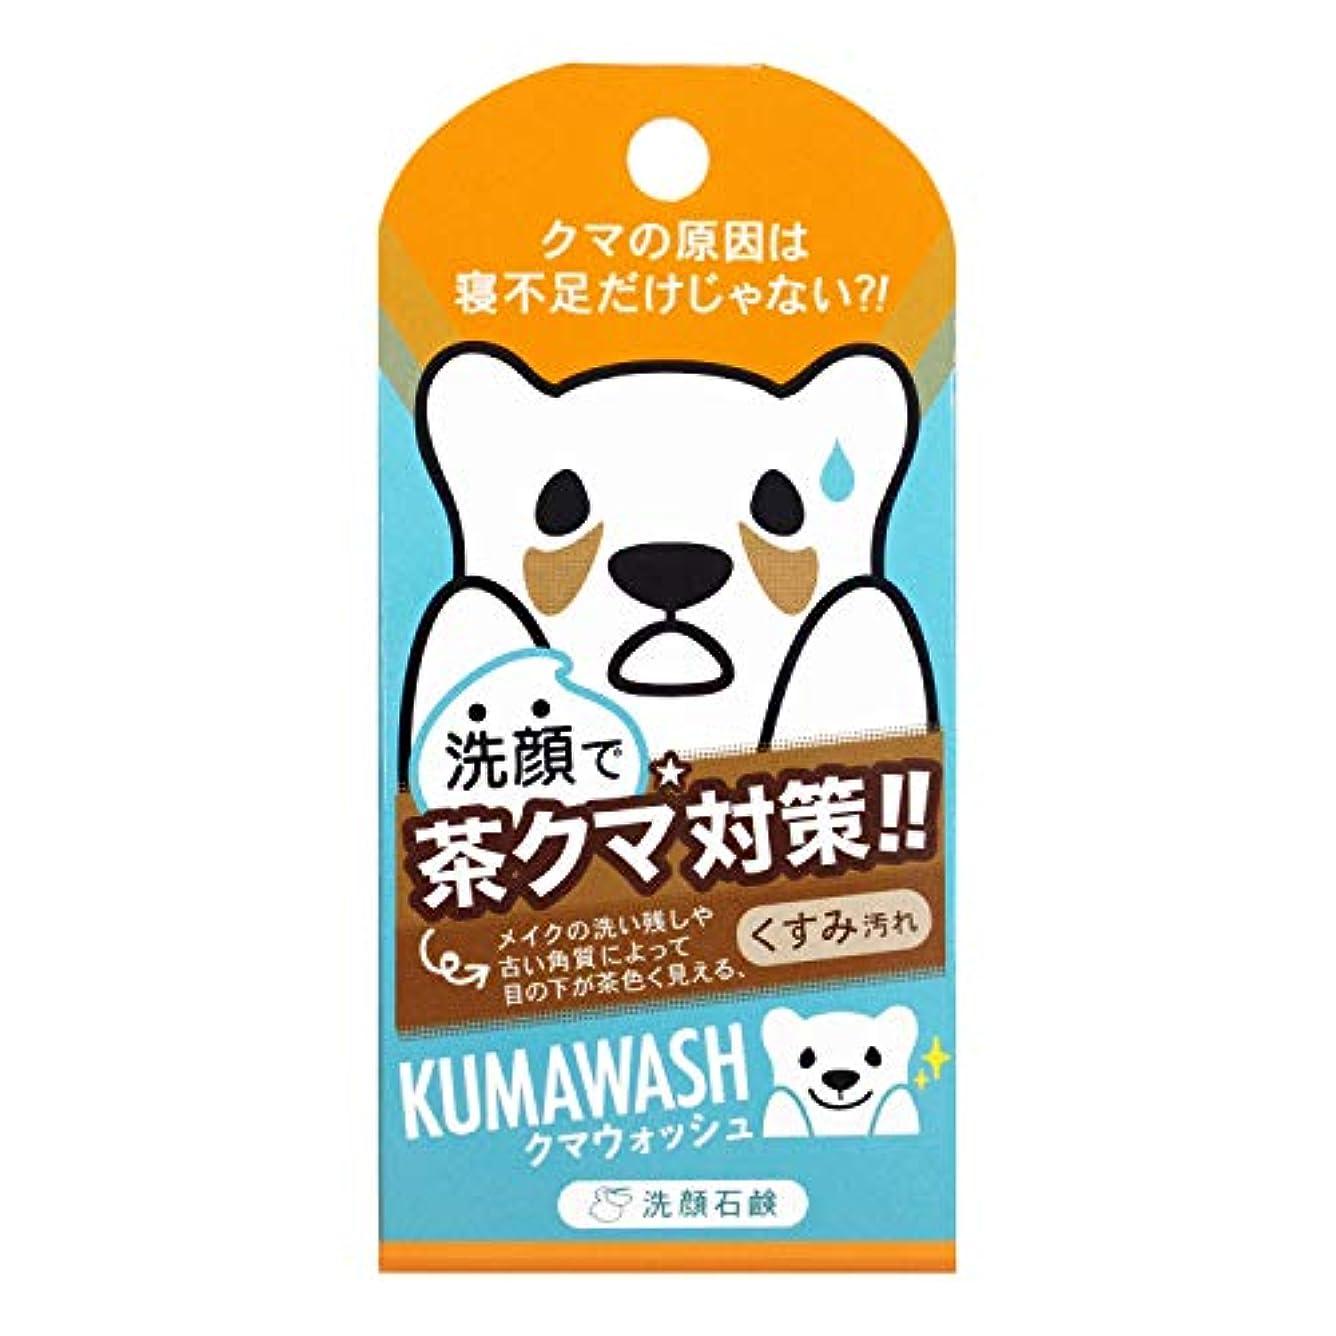 突き出す柔らかいうがい薬ペリカン石鹸 クマウォッシュ洗顔石鹸 75g